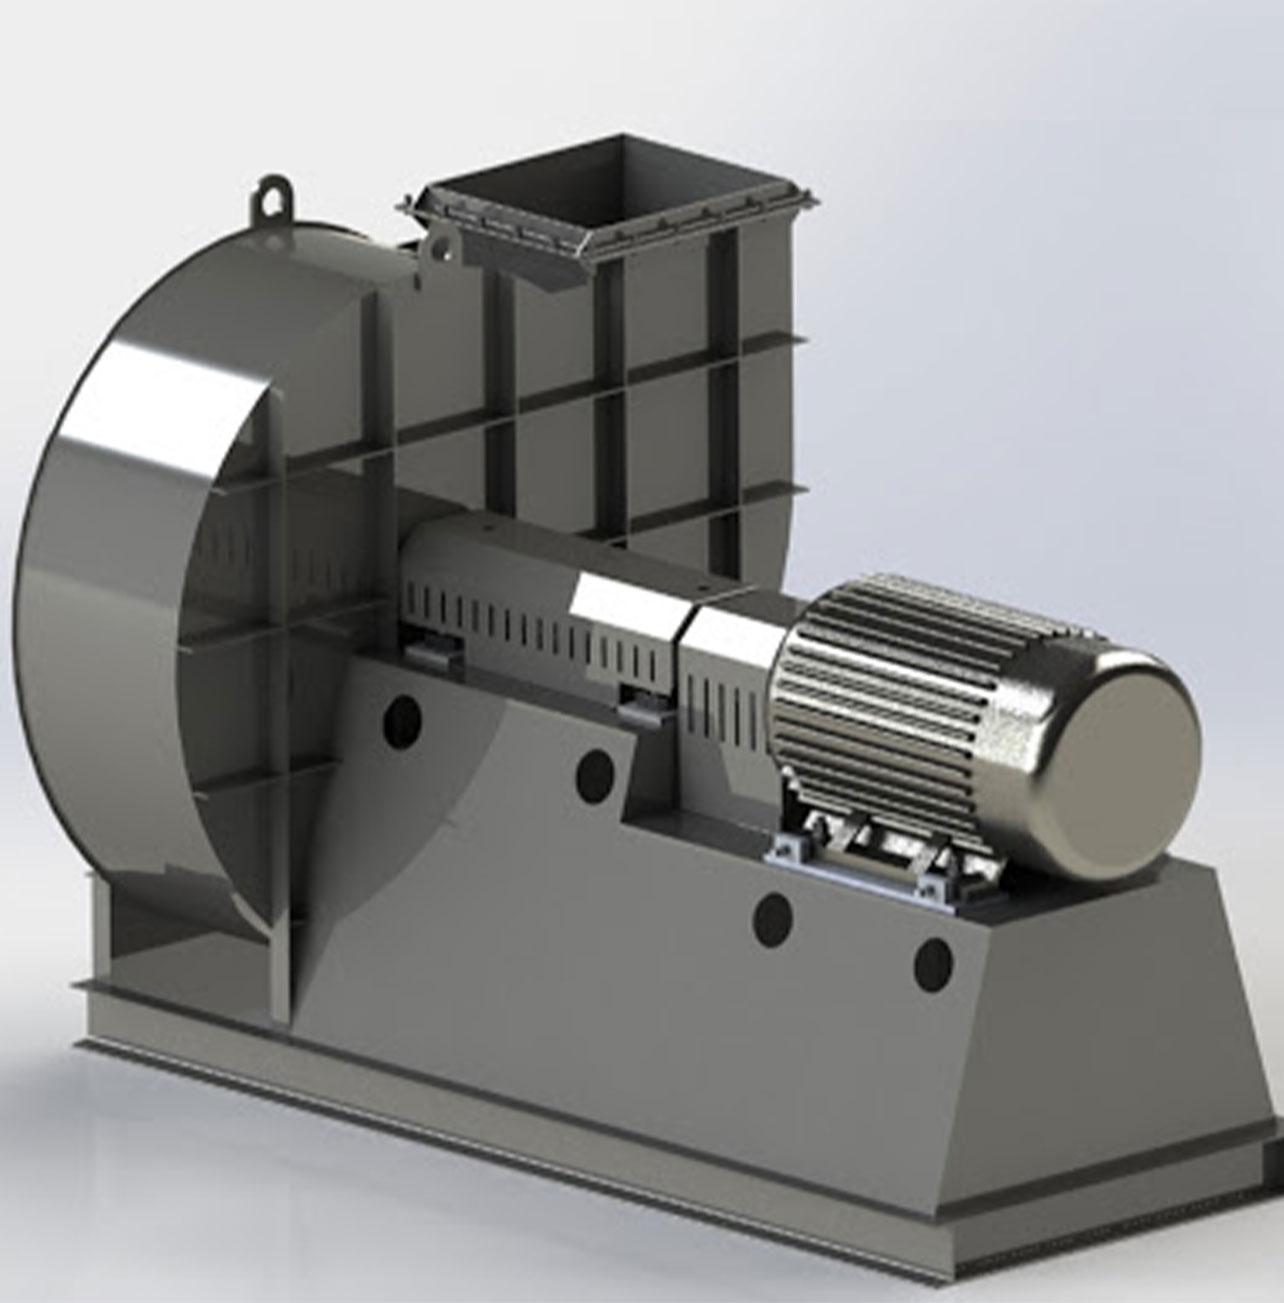 קרגל – מערכת סינון אבק דגם JCD-185